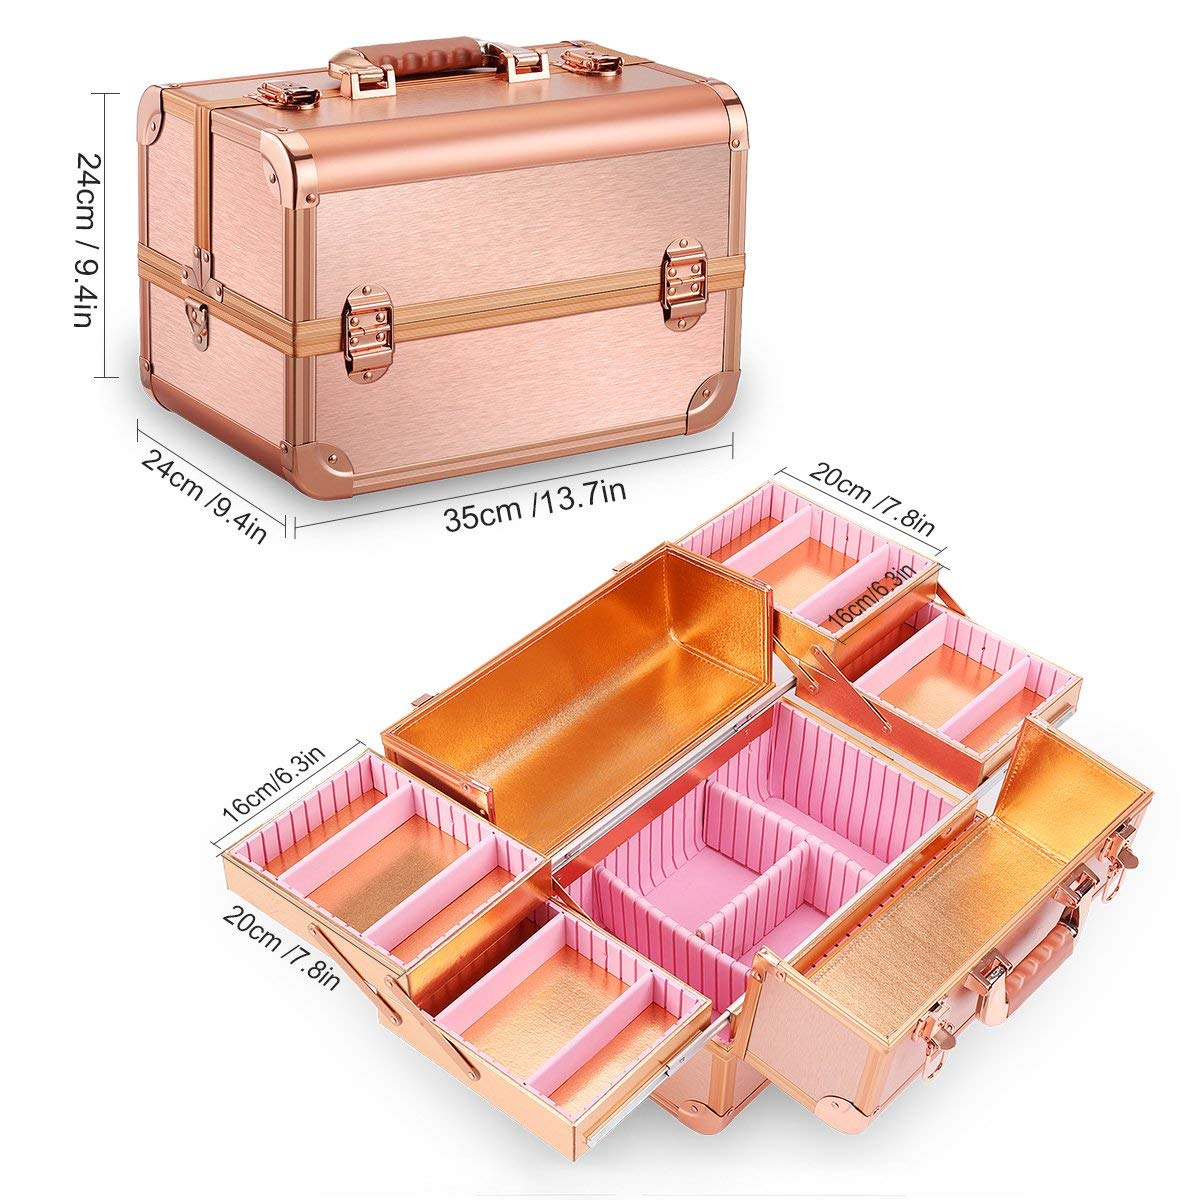 Бьюти кейс для косметики CWB7350 розовое золото - изображение